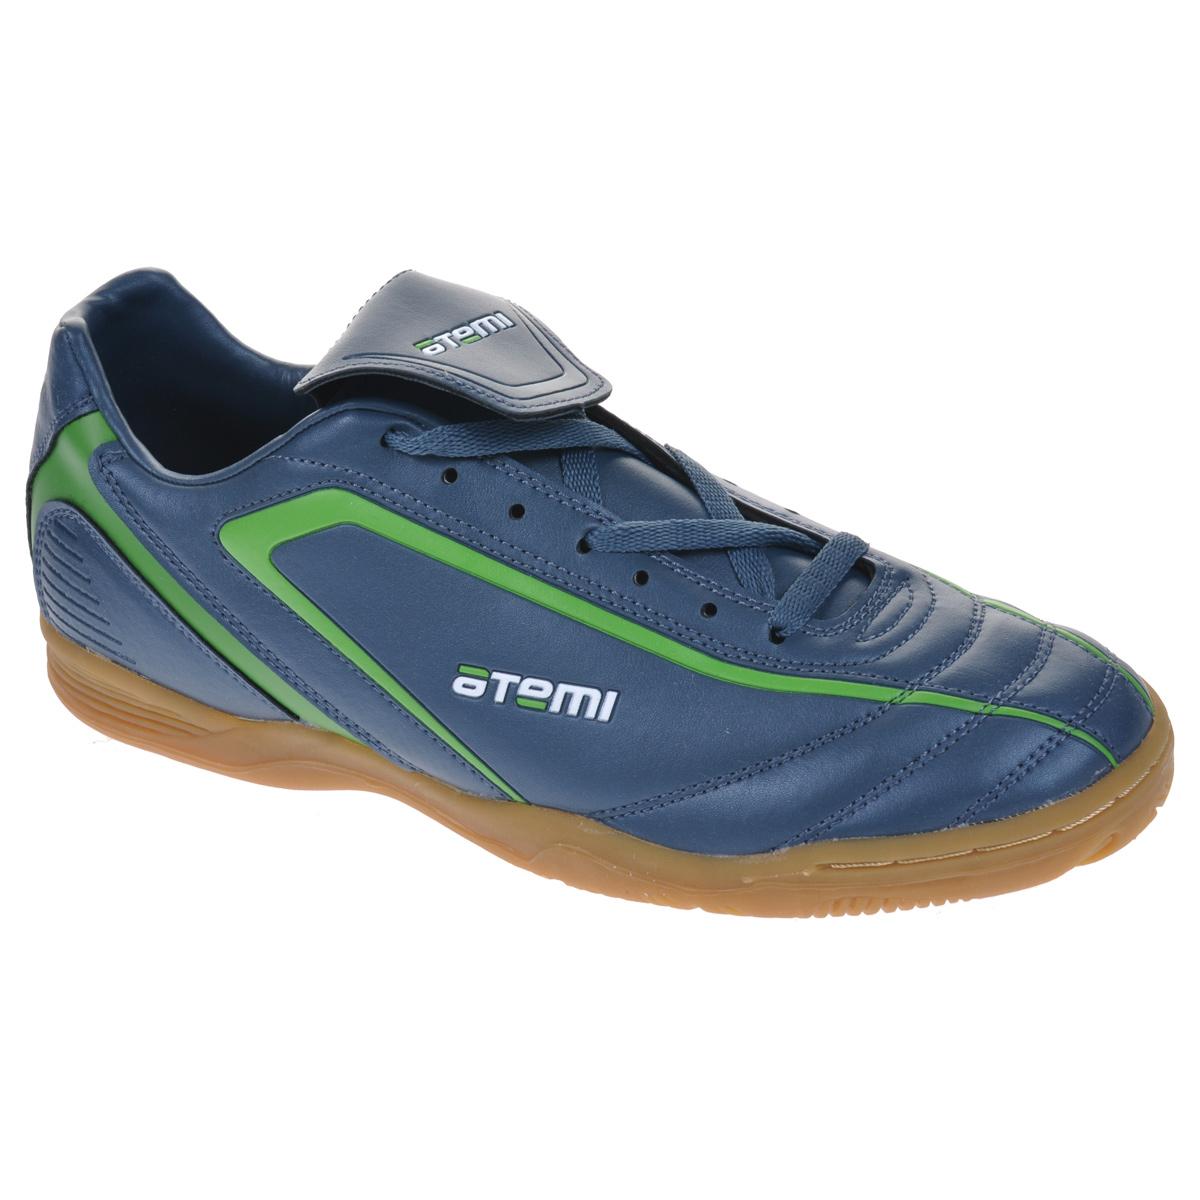 Бутсы футбольные для зала Atemi Indoor, цвет: серый, зеленый. SD500. Размер 43